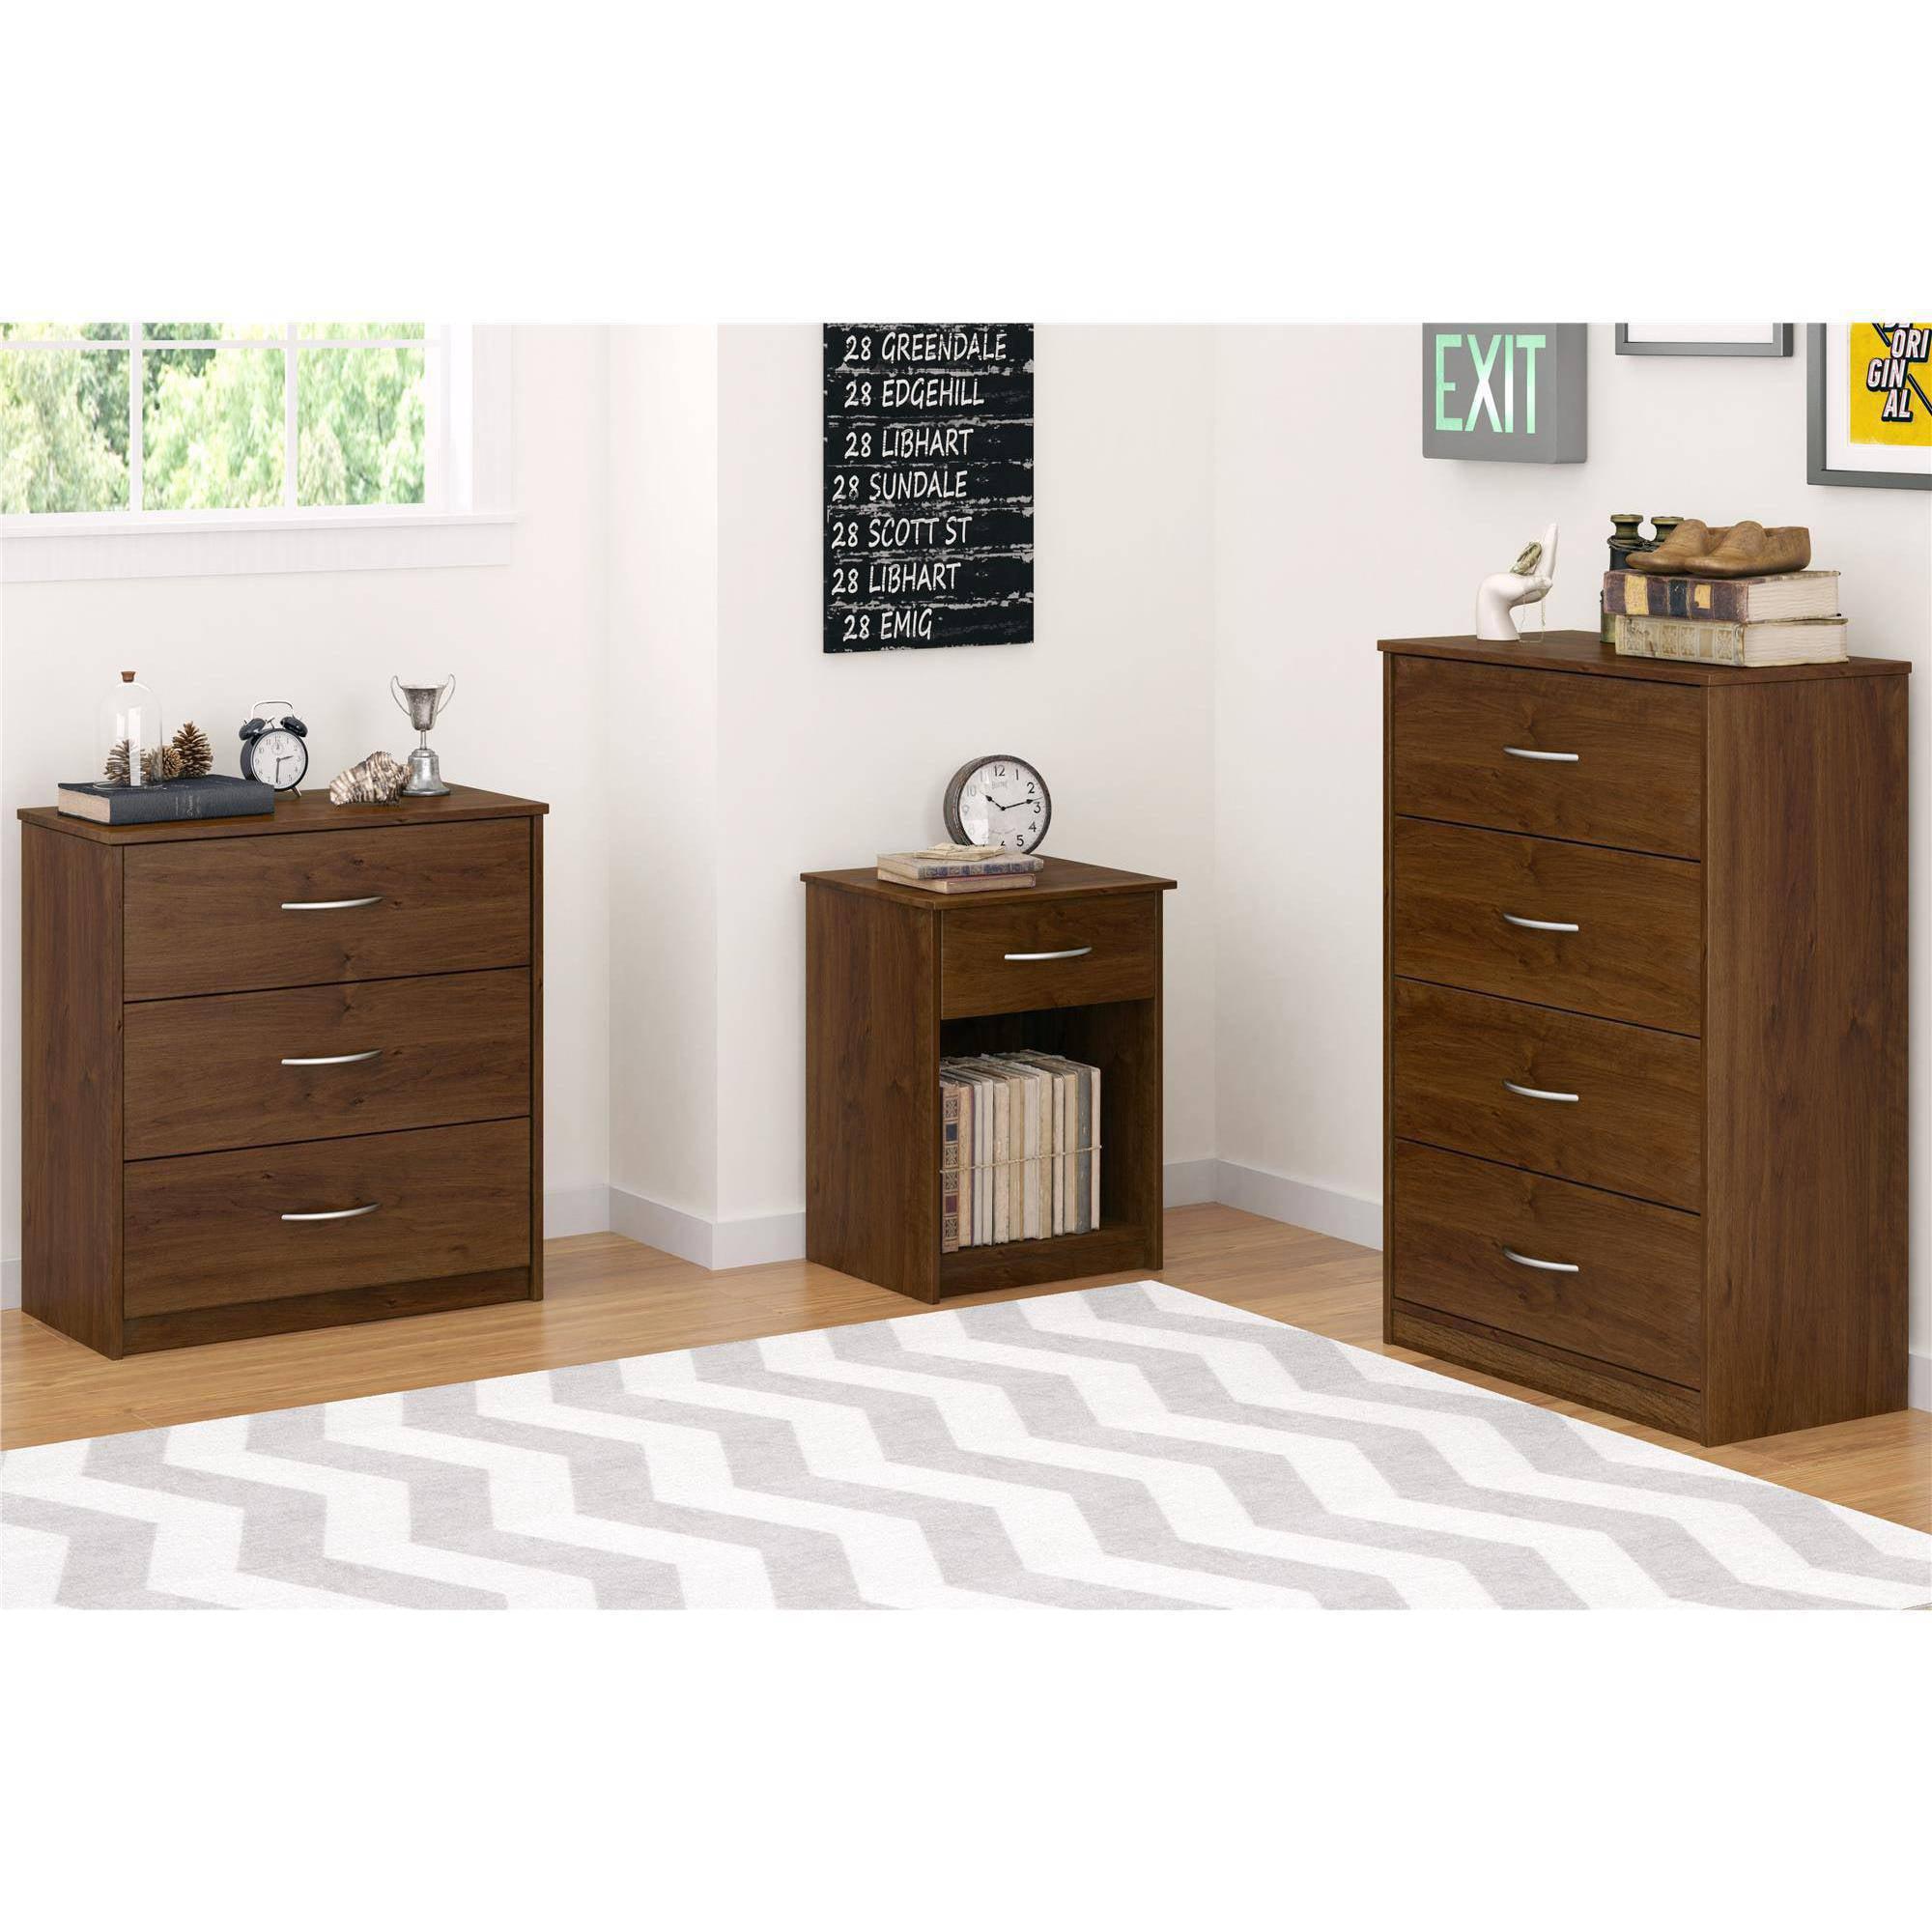 Pecho De 4 Cajones C Moda Dormitorio Muebles De Madera  # Gebrauchte Muebles